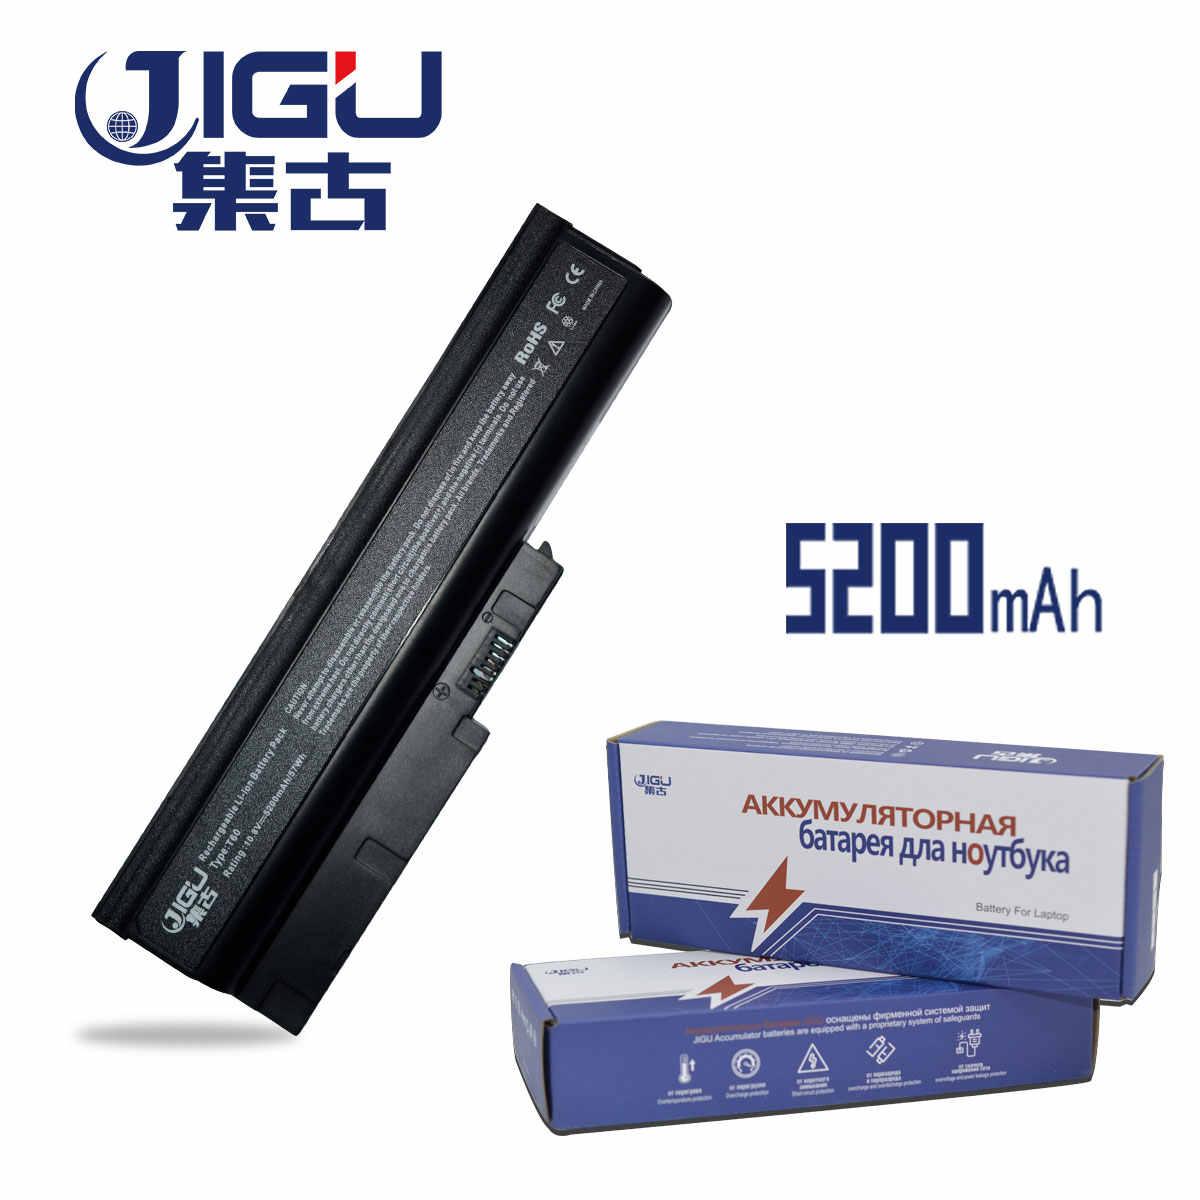 Bateria JIGU do IBM dla Lenovo ThinkPad R60e R61 R61e R61i T60 T60p T61 T61p R500 T500 W500 SL400 SL500 SL300 SL510